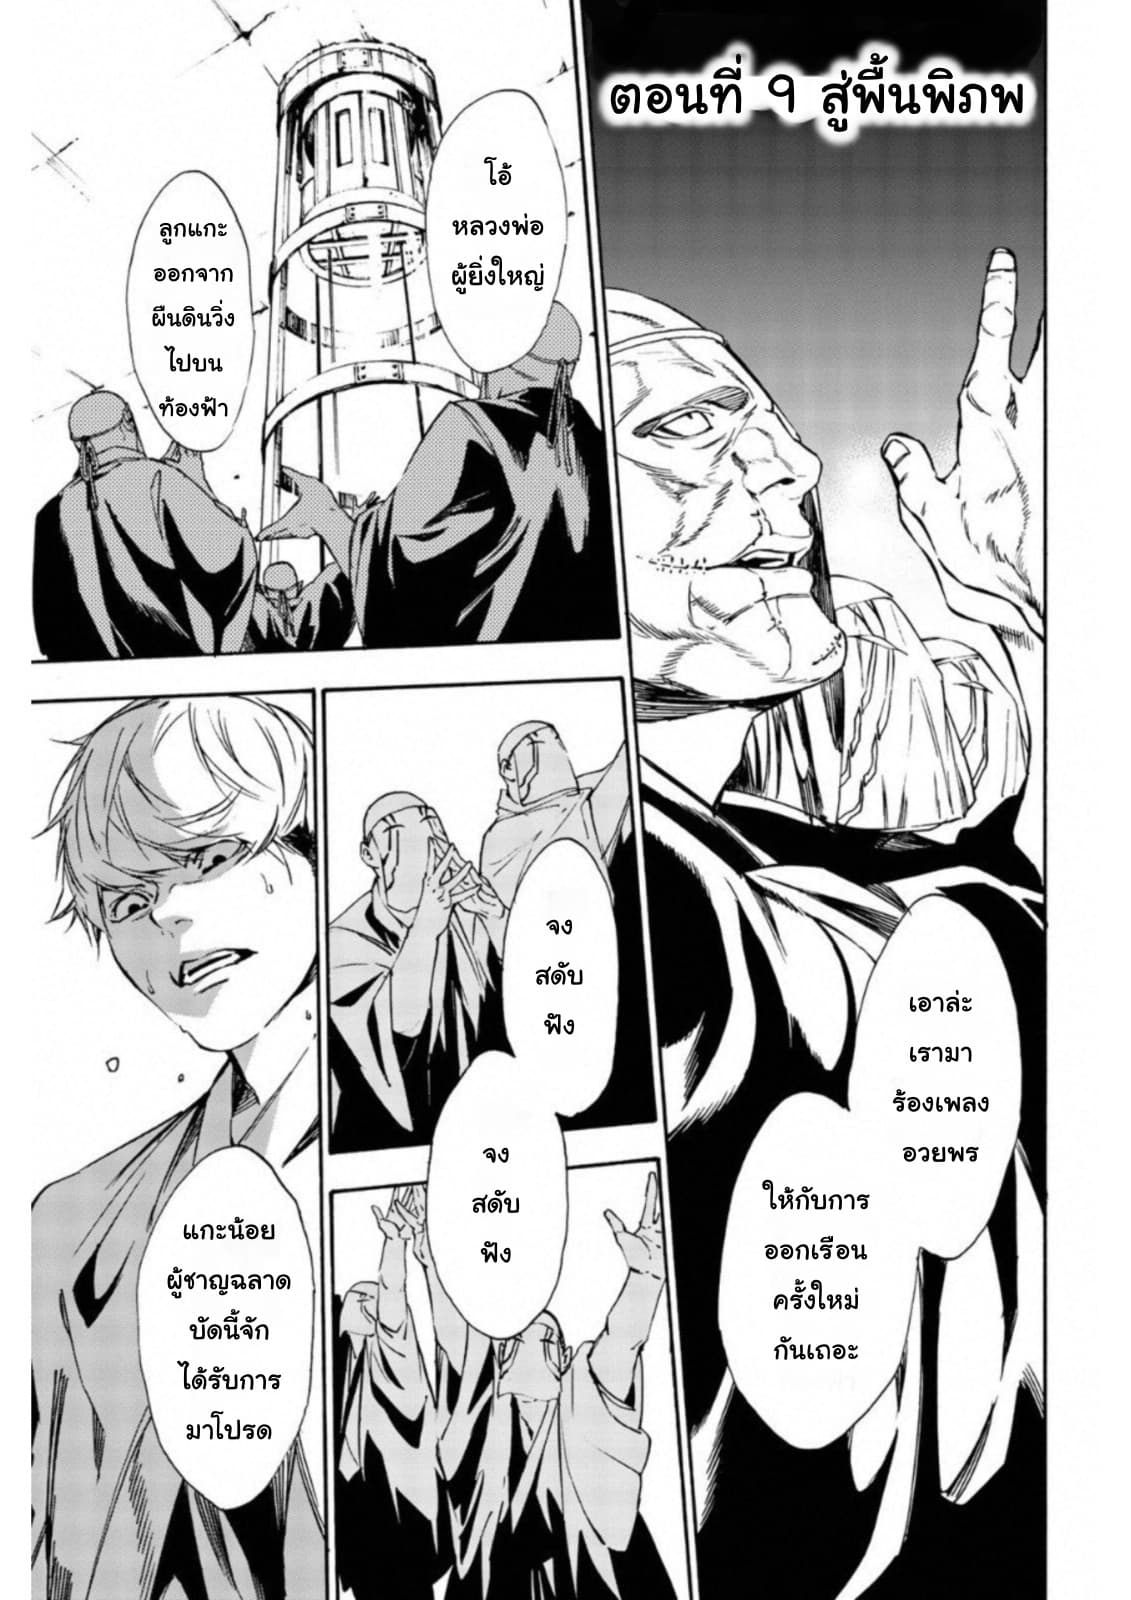 Zetsubou no Rakuen-ตอนที่ 9